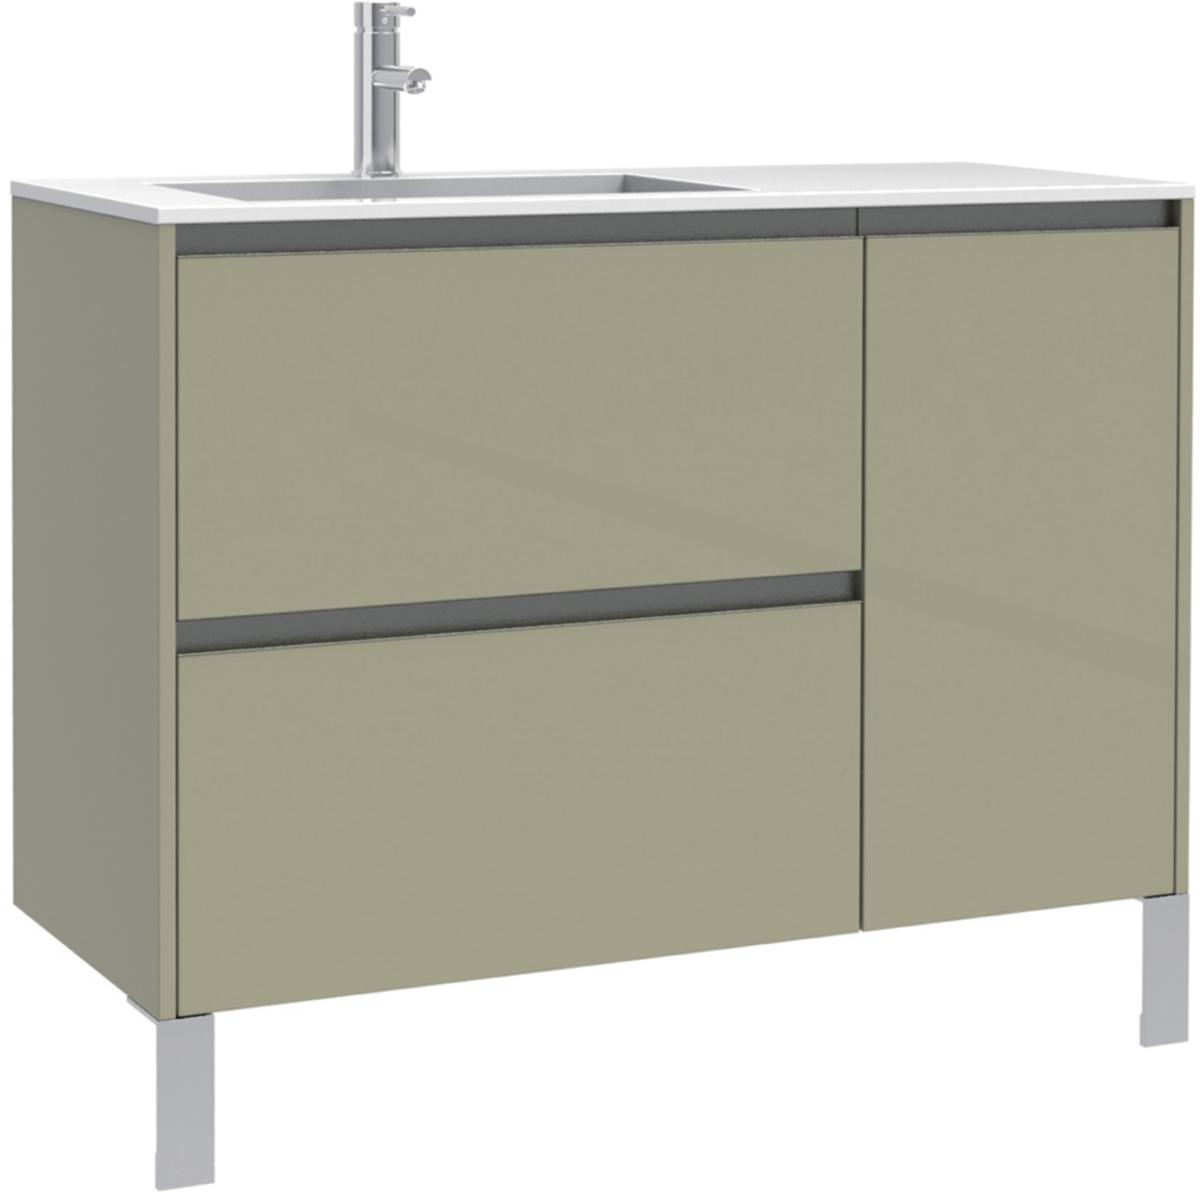 Meuble sous vasque plenitude 105cm 2 tiroirs 1 porte pour for Meuble porte d orient